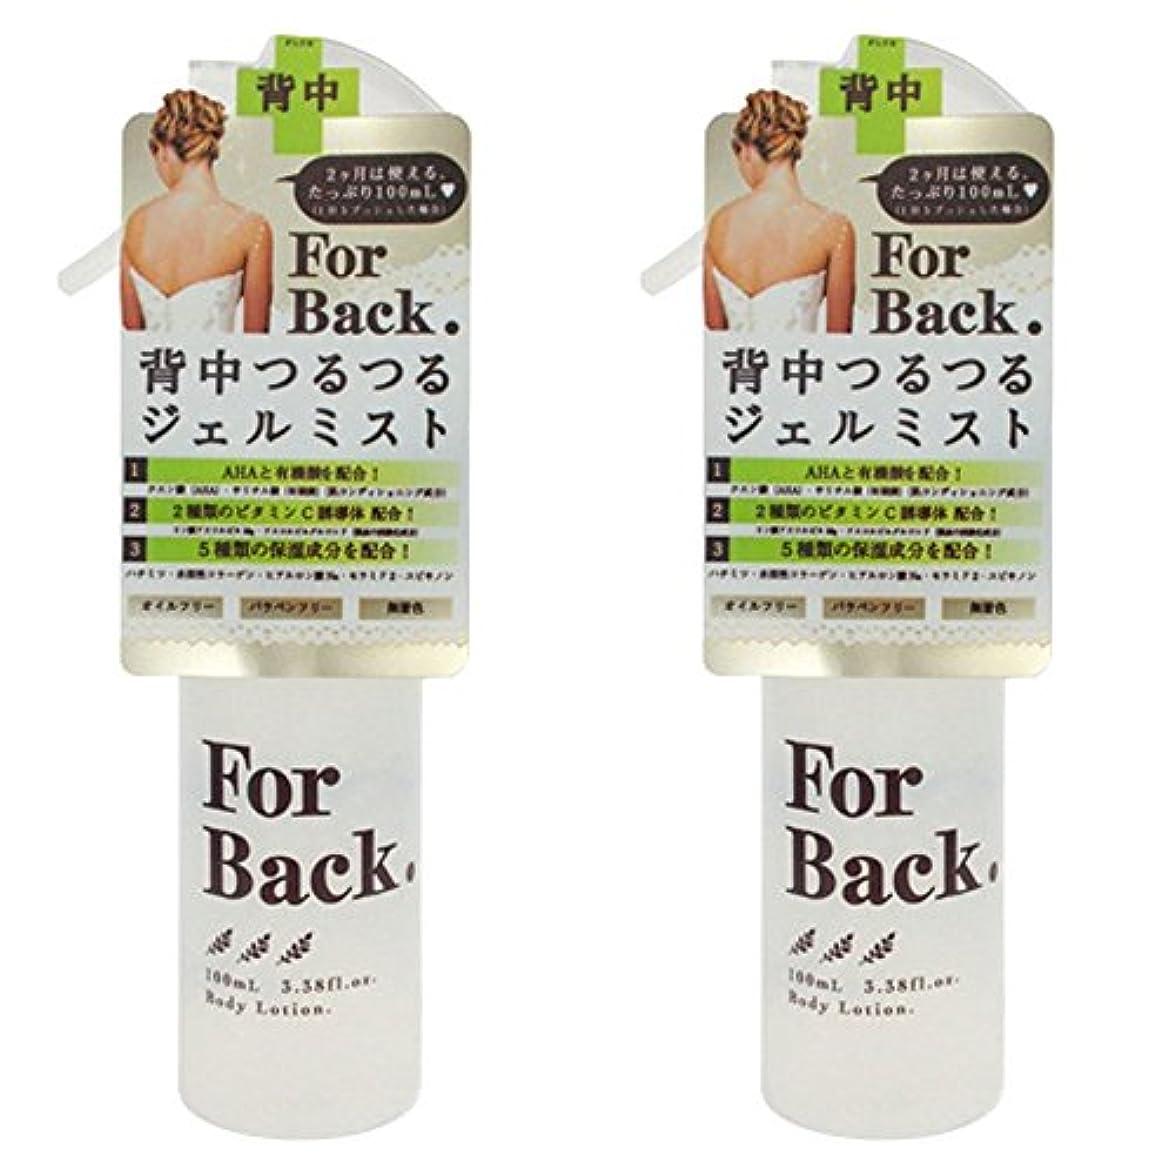 フィルタ感度ショッキング【セット品】ForBack ジェルミスト 100ml ×2個